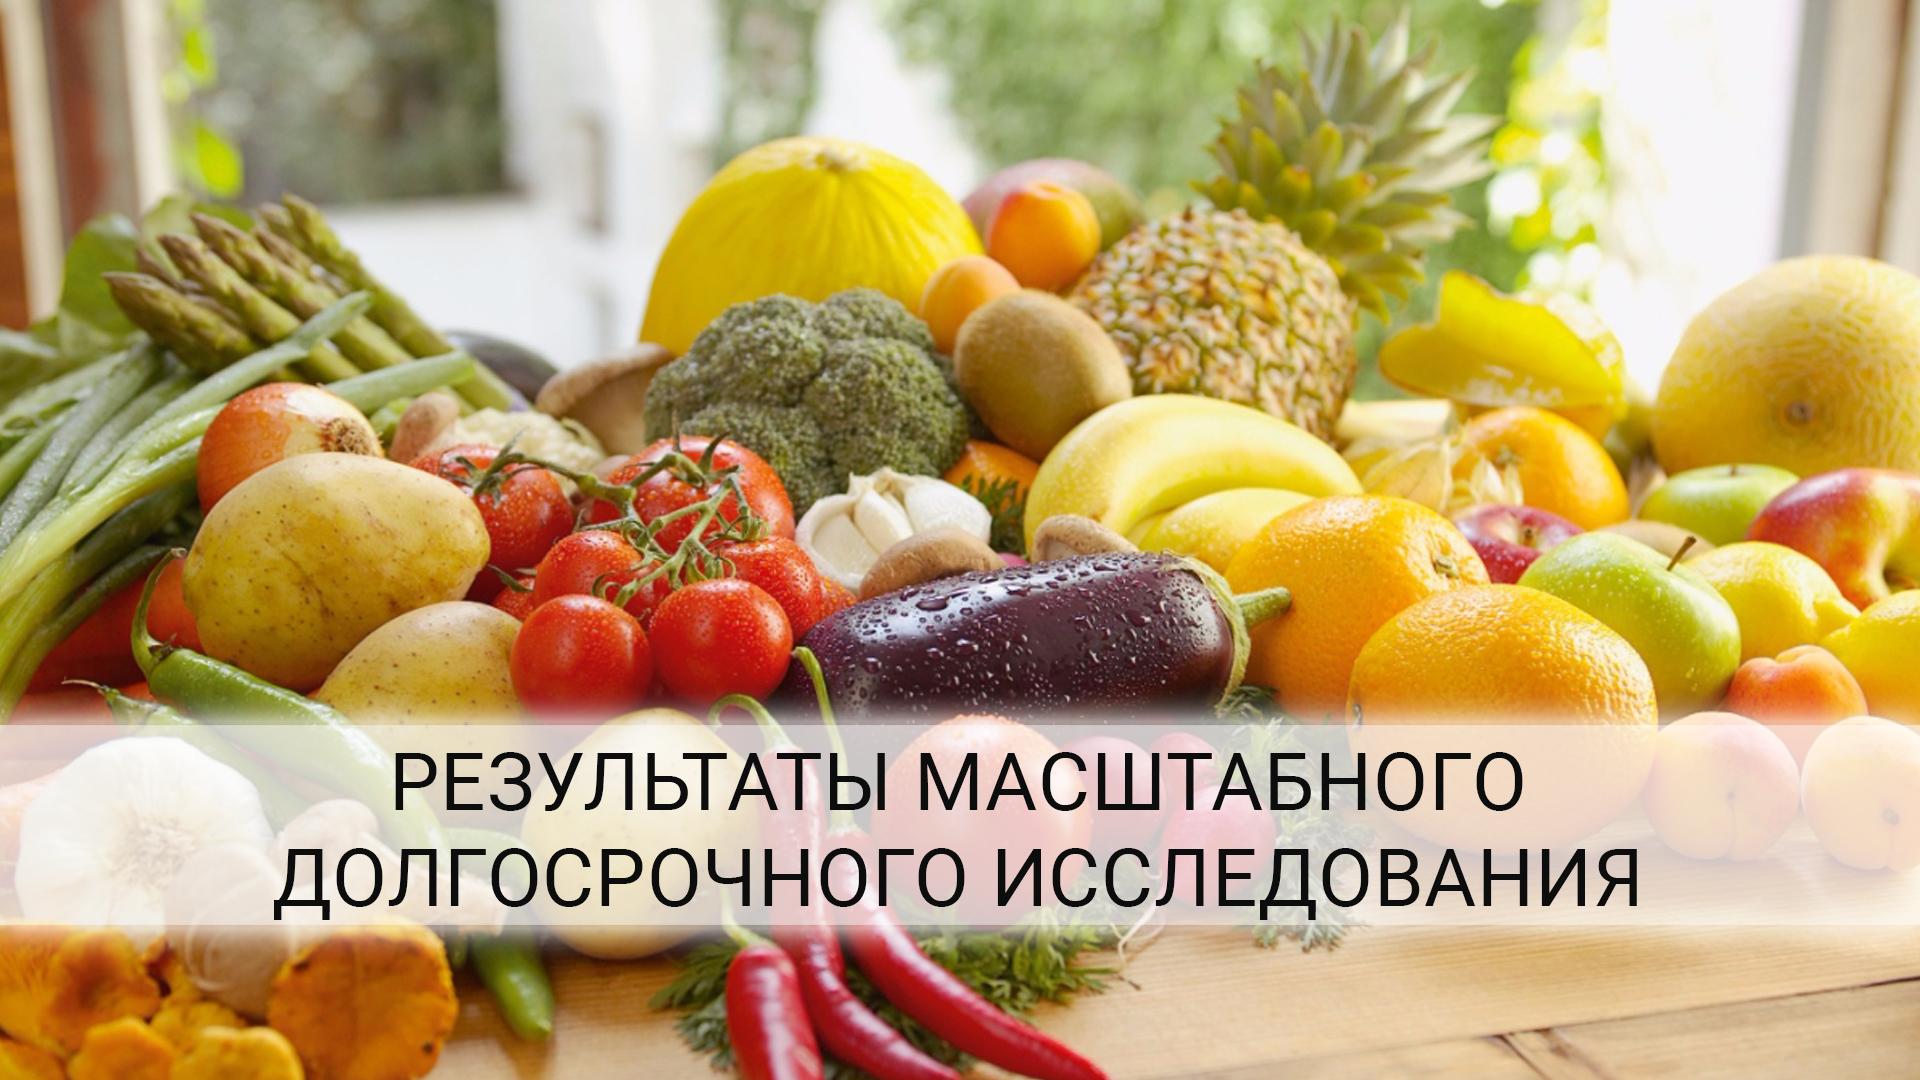 Вегетарианцы живут дольше